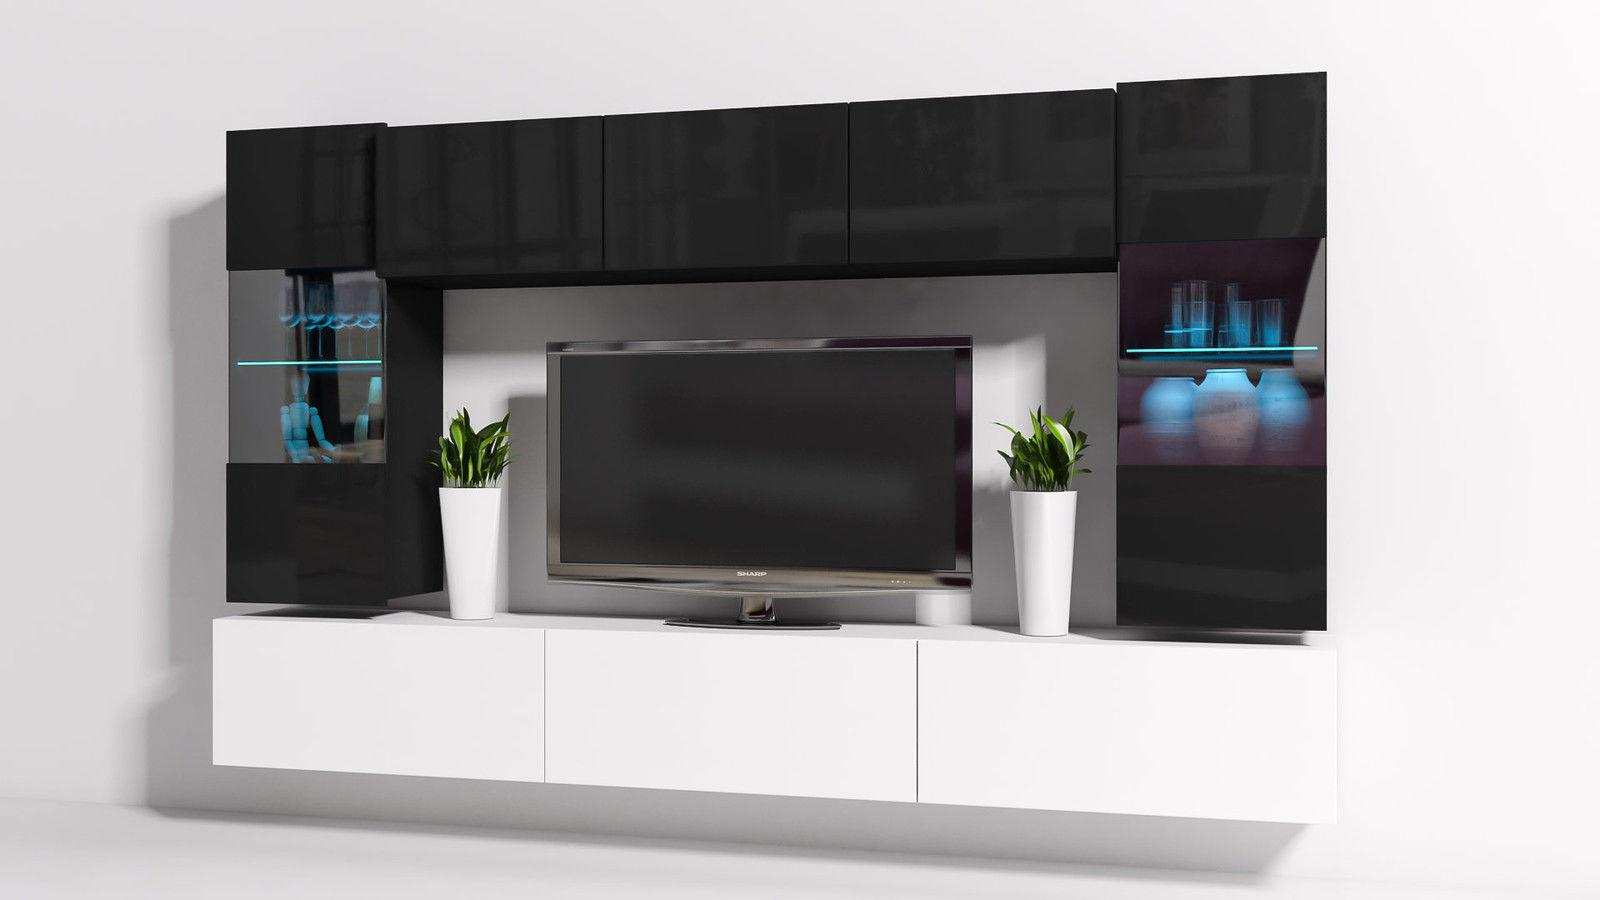 wohnwand schwarz hochglanz led wohnwand hochglanz schwarz. Black Bedroom Furniture Sets. Home Design Ideas